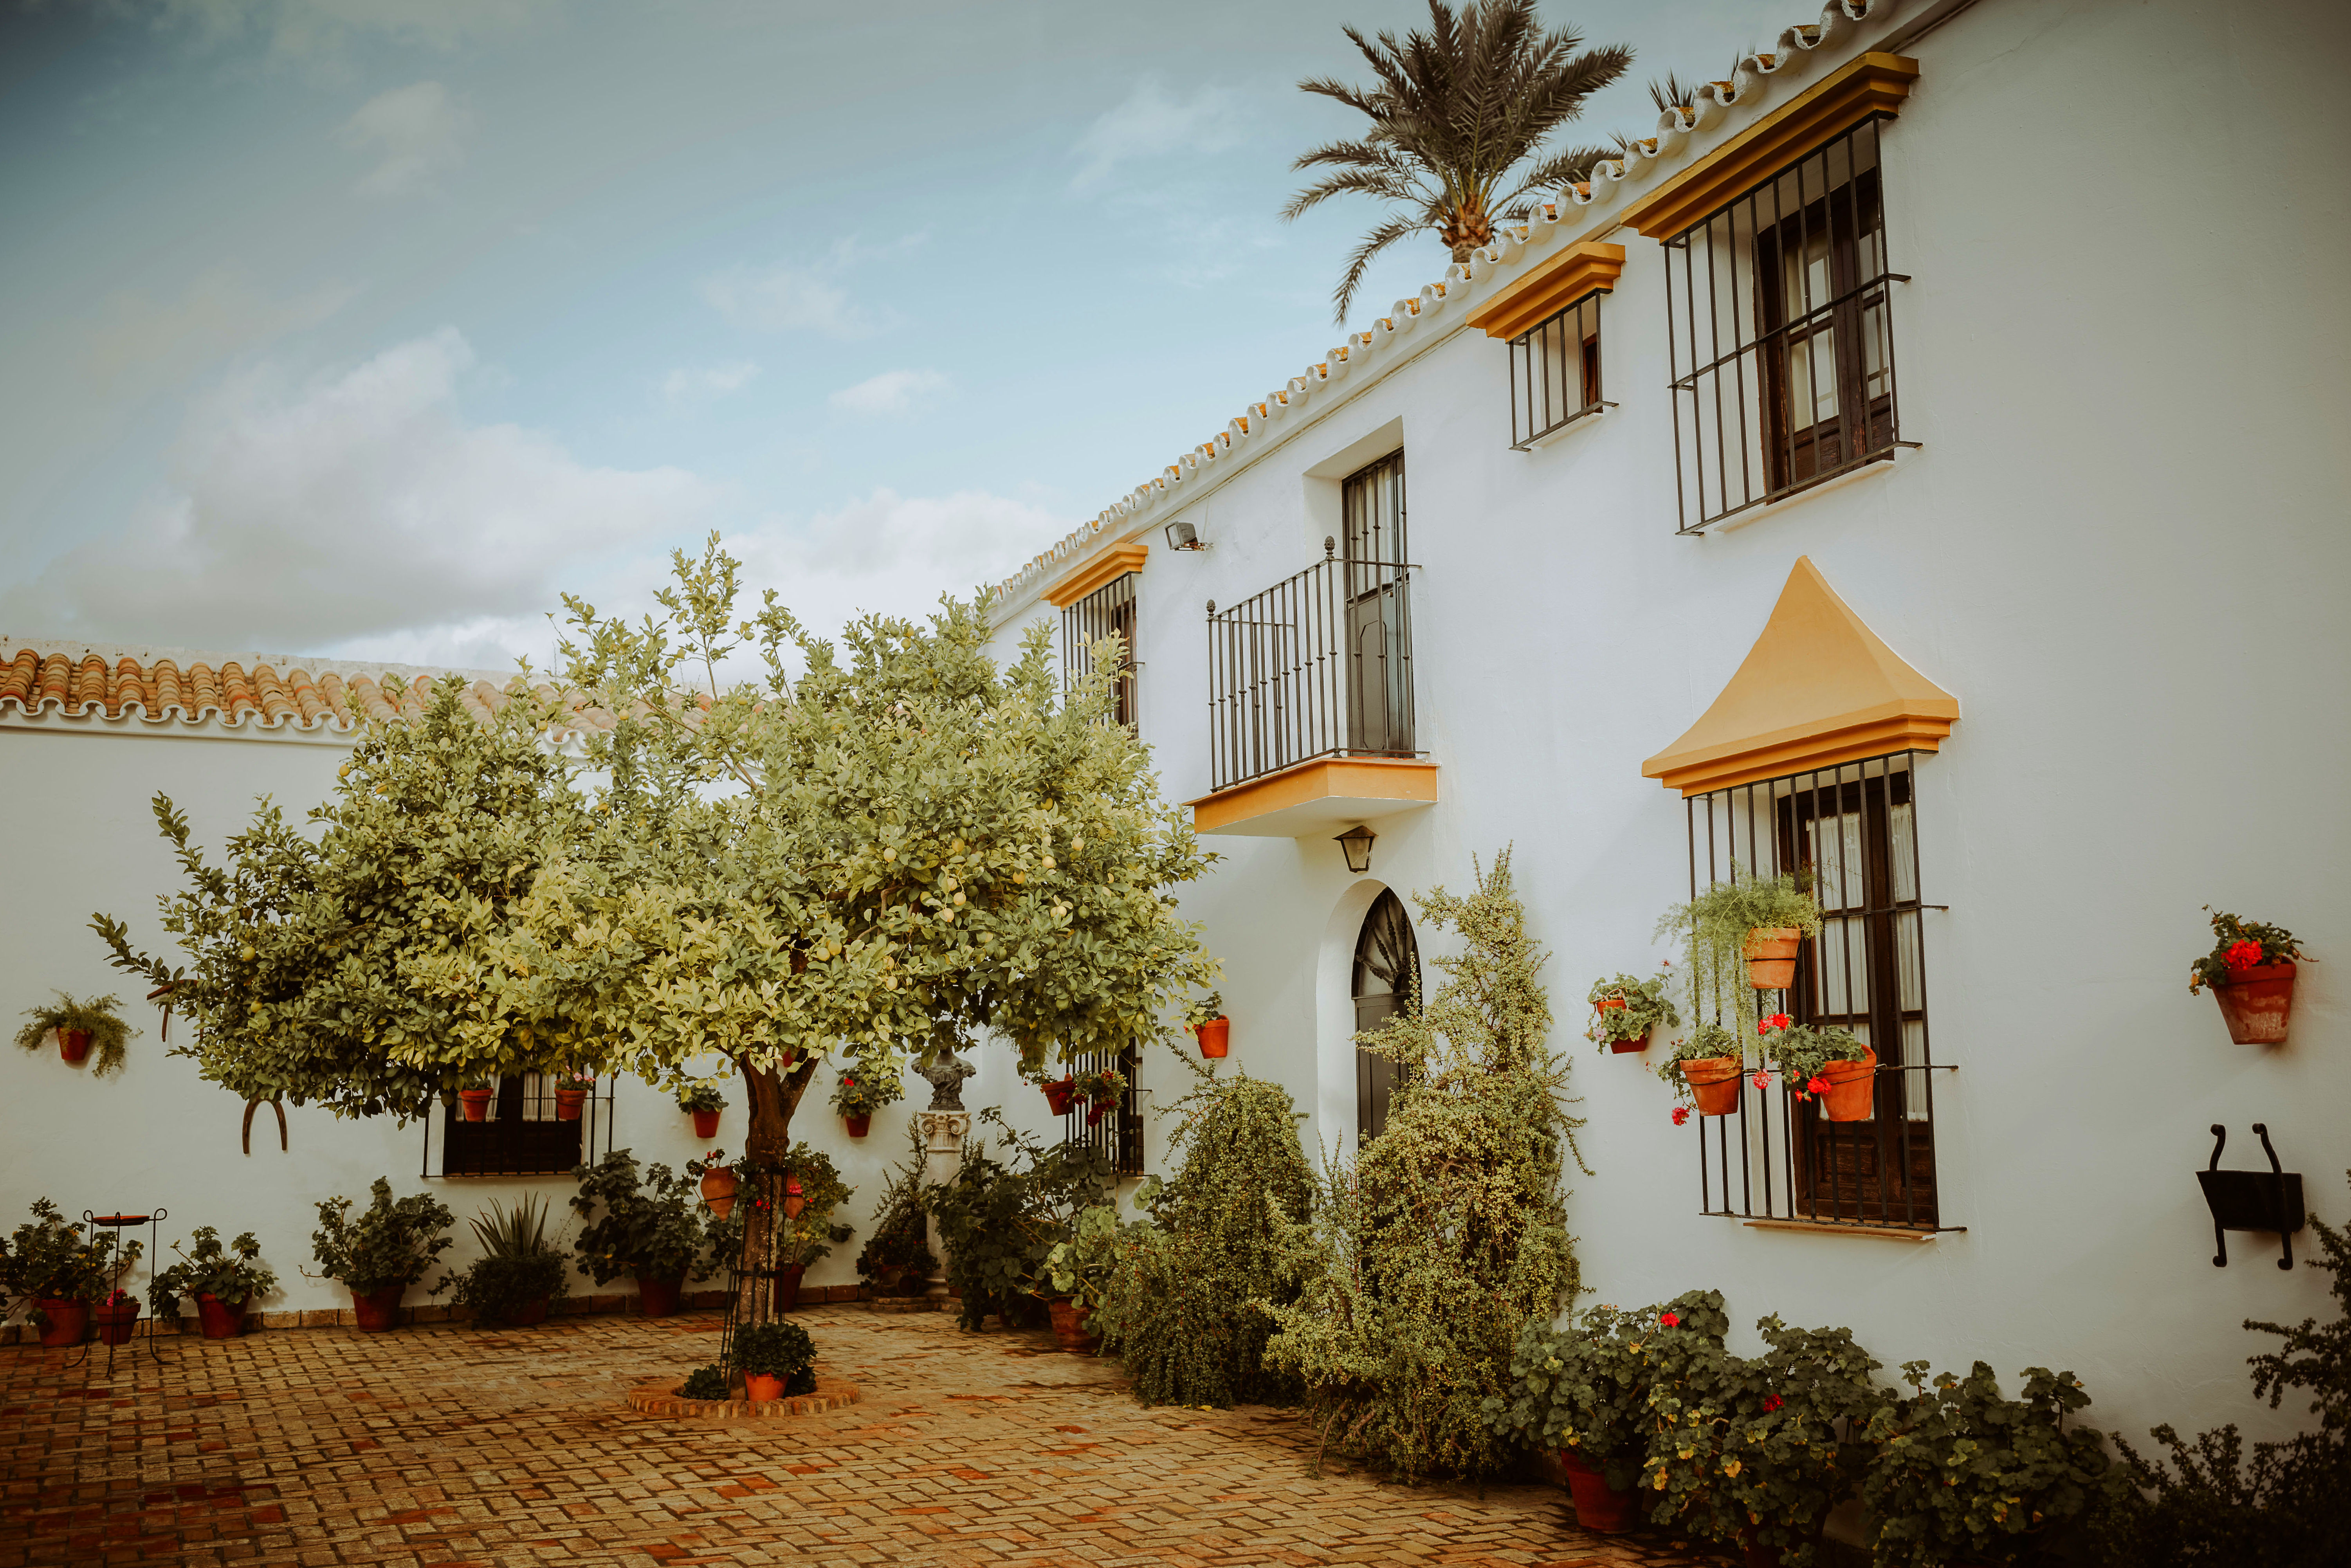 Foto 23 de Celebración de bodas en Alcalá de Guadaíra | Hacienda Mendieta